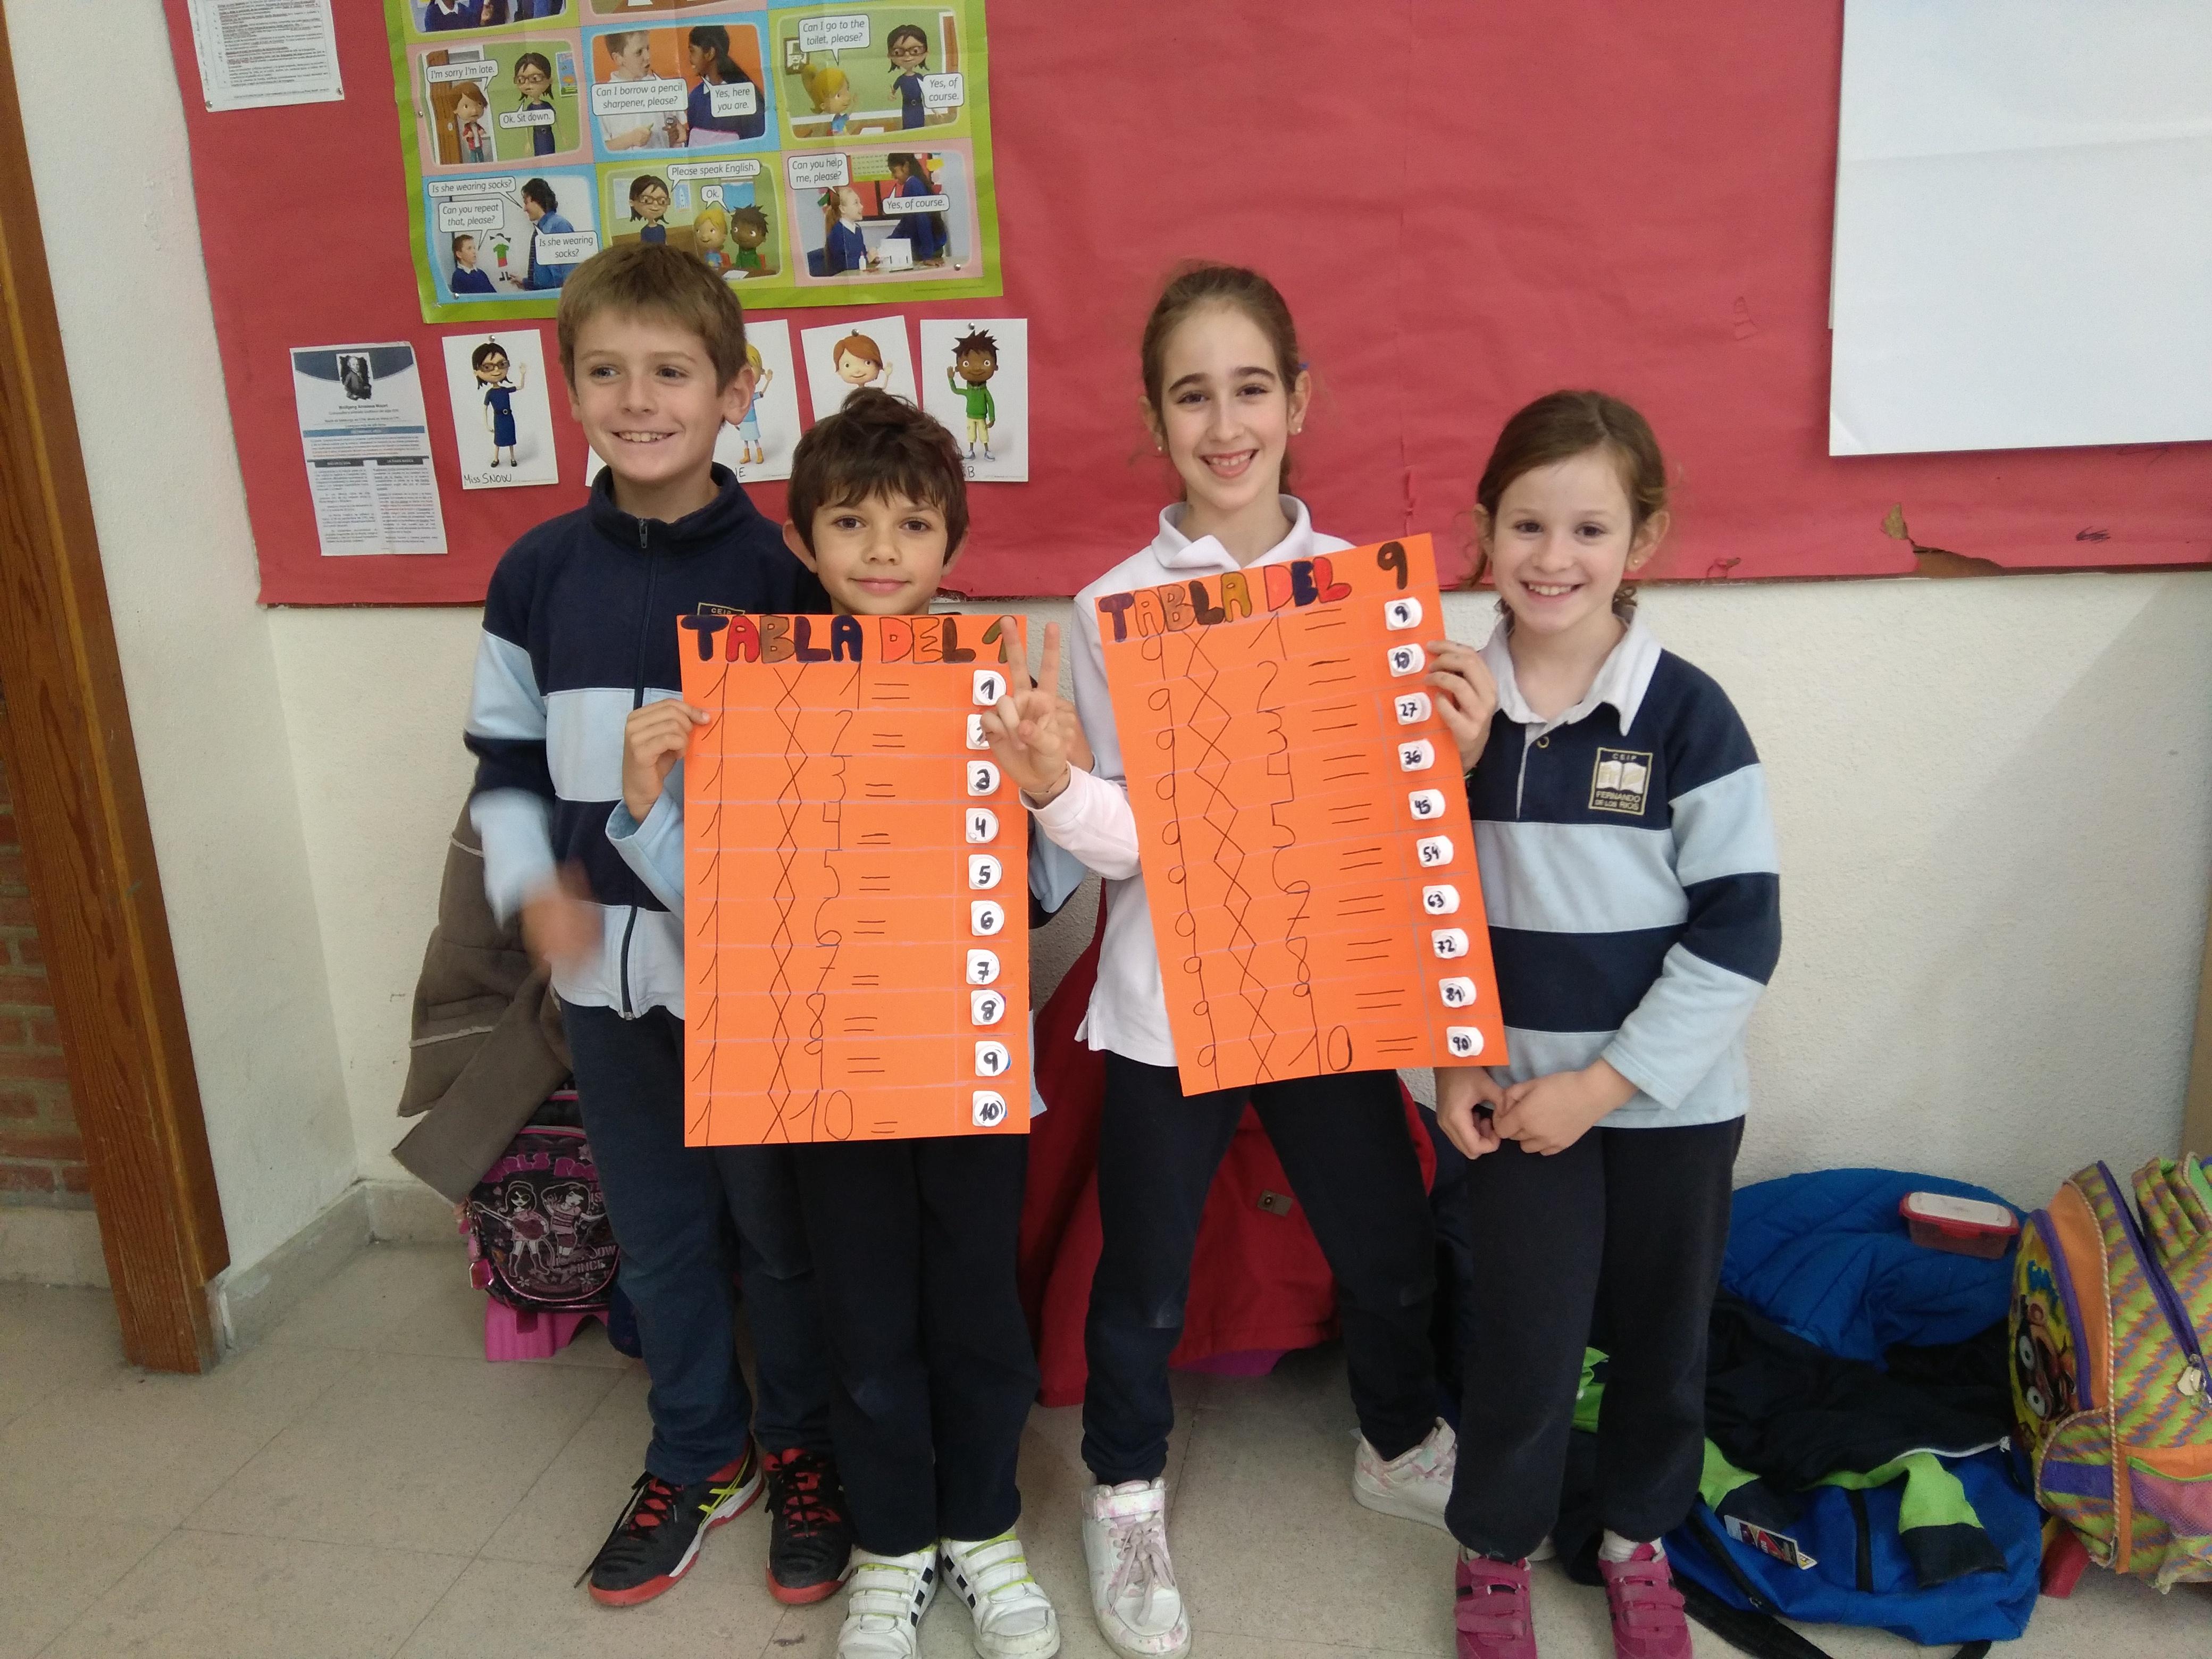 2016_12_3ºB Aprende las tablas sin esfuerzo... 7